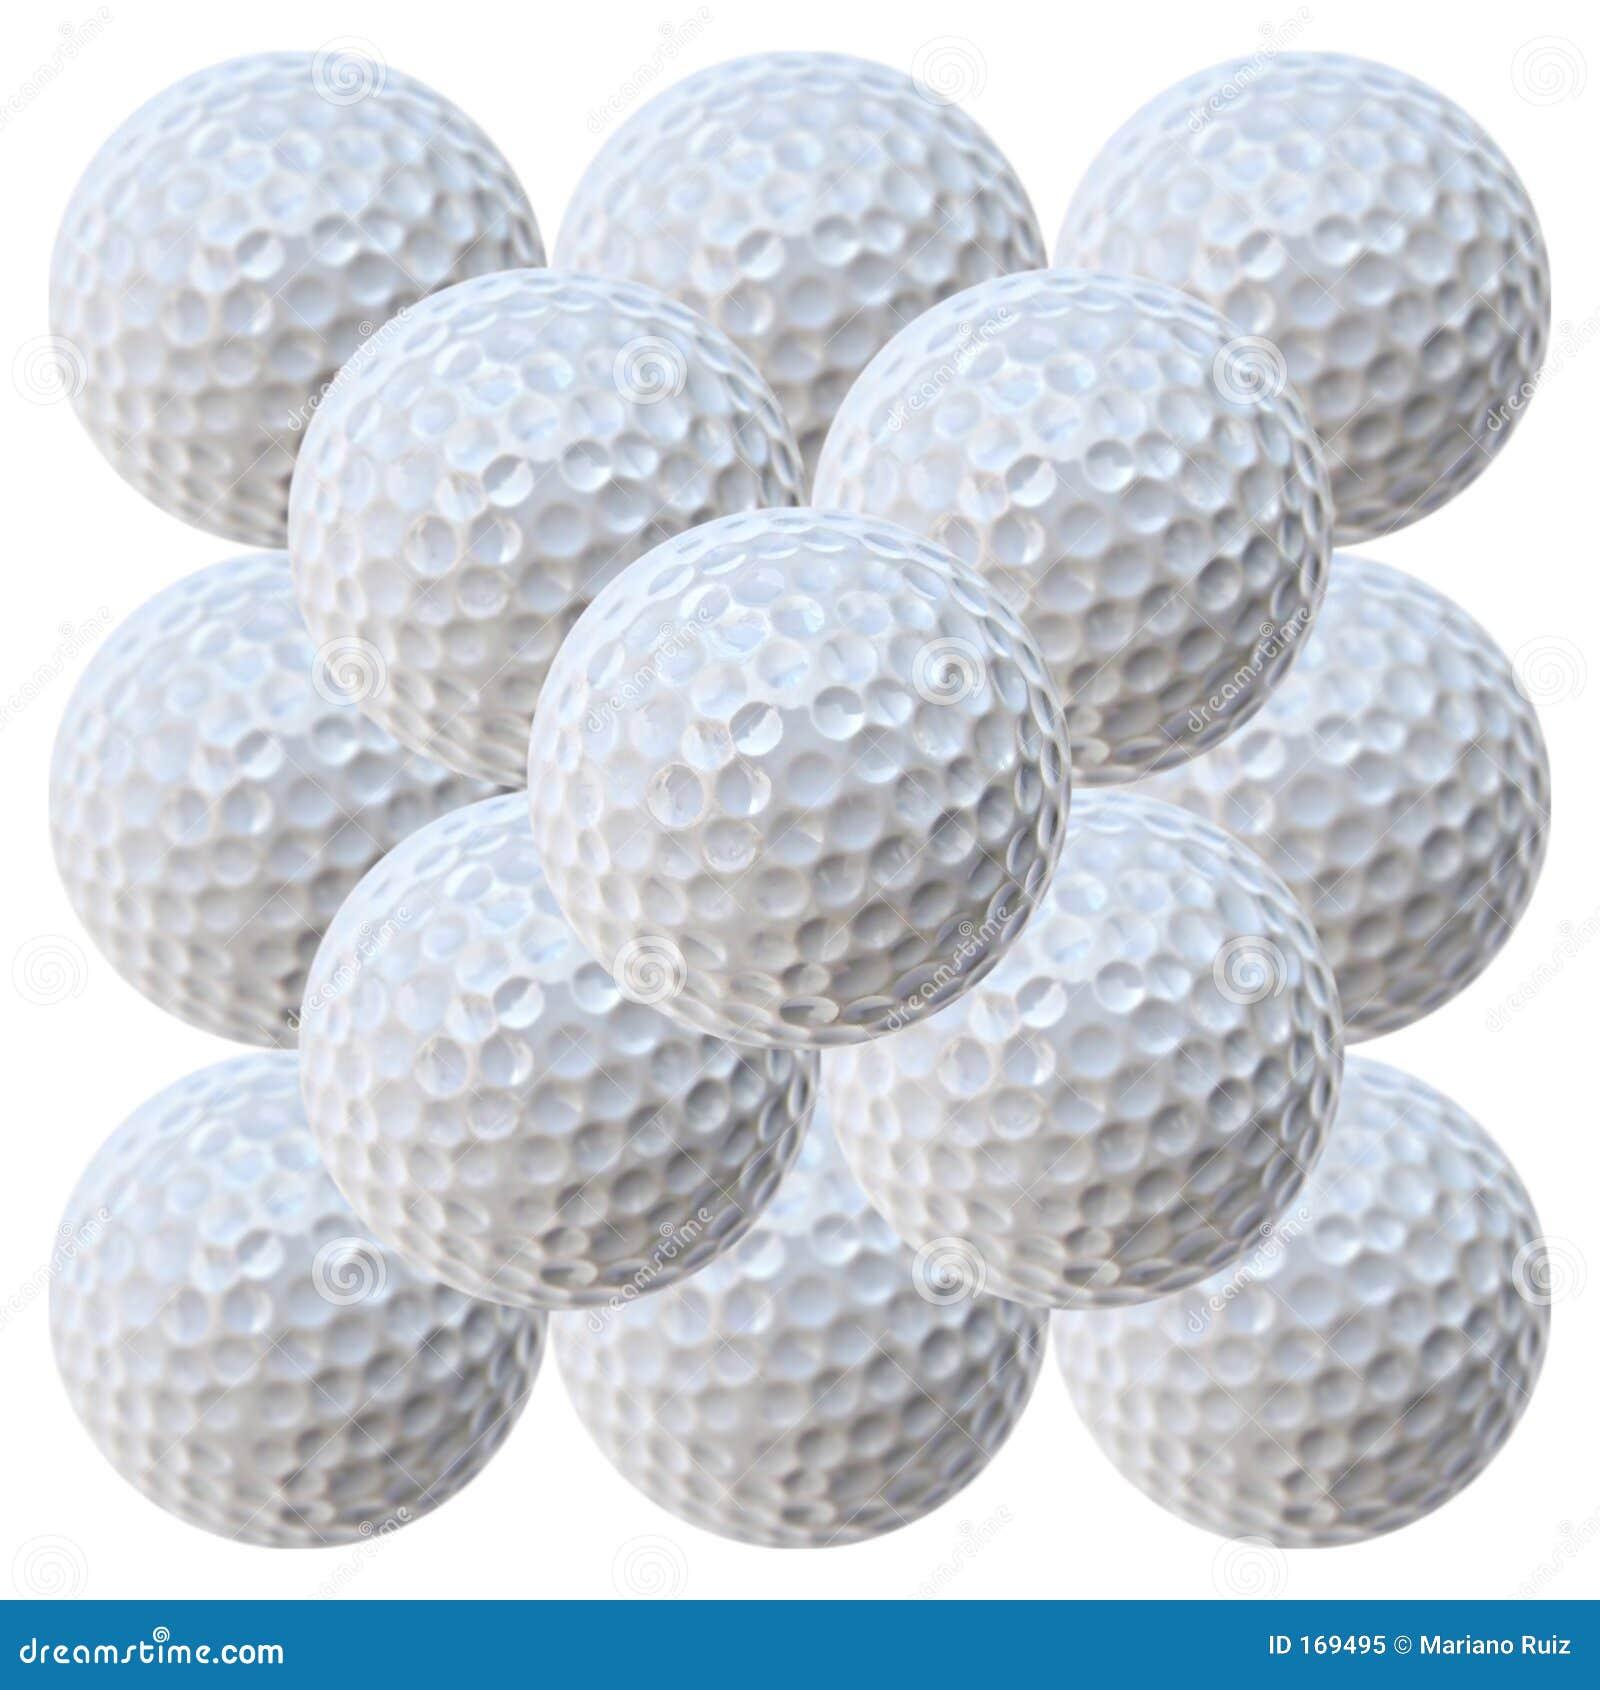 2 20个球打高尔夫球megapixels金字塔